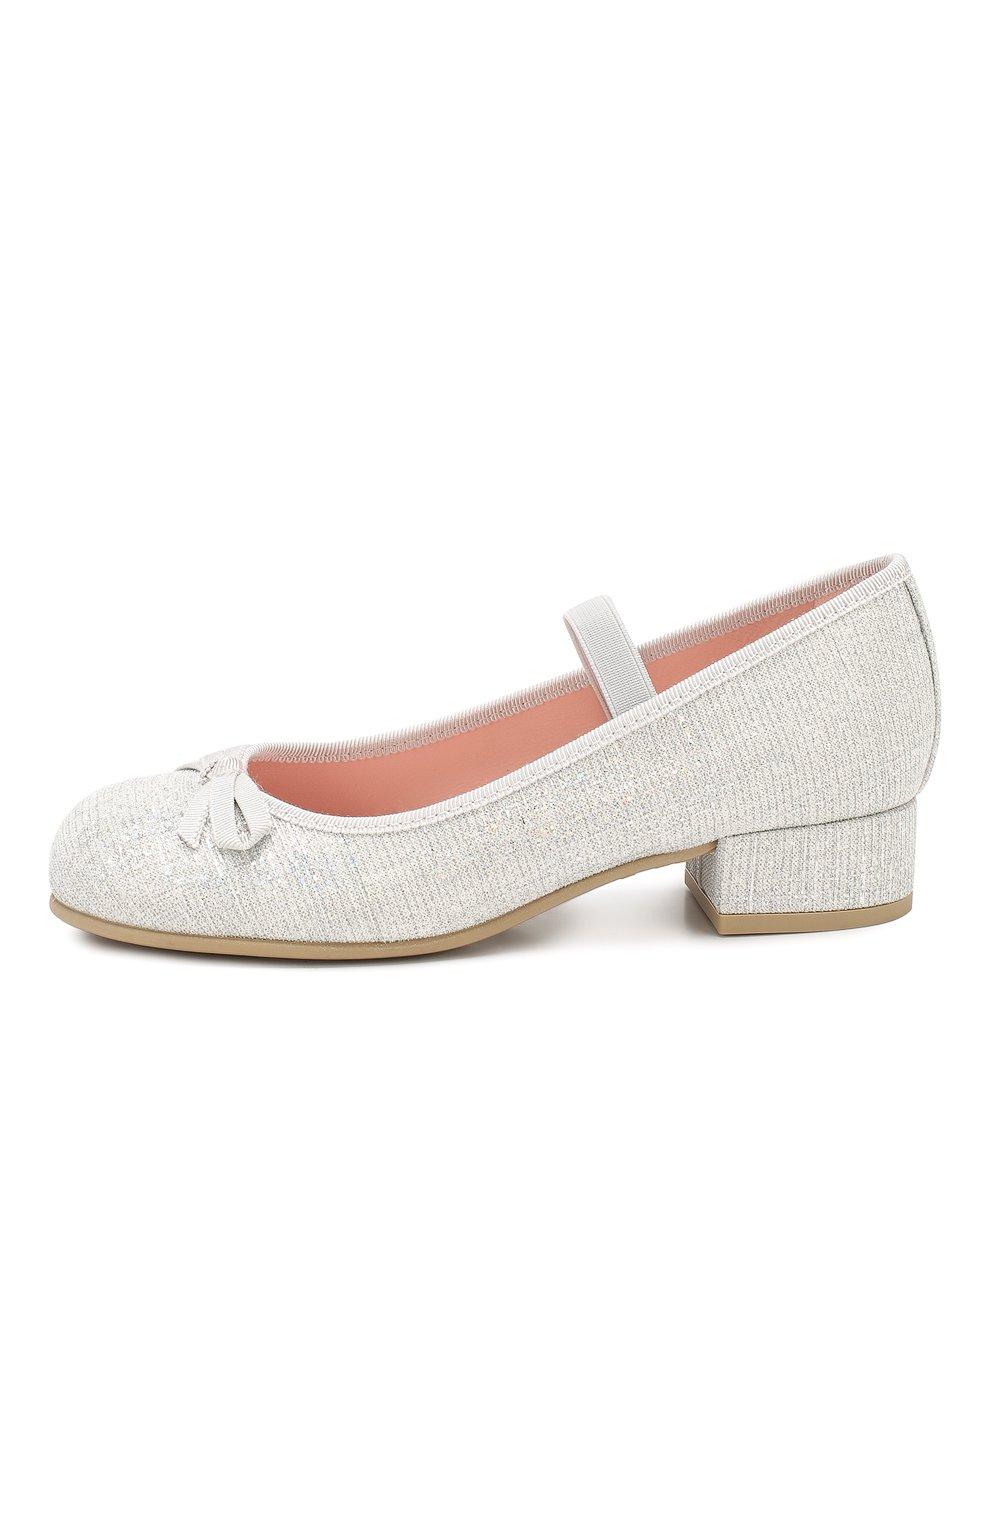 Детские туфли с перемычкой PRETTY BALLERINAS белого цвета, арт. 44.097/GALASSIA | Фото 2